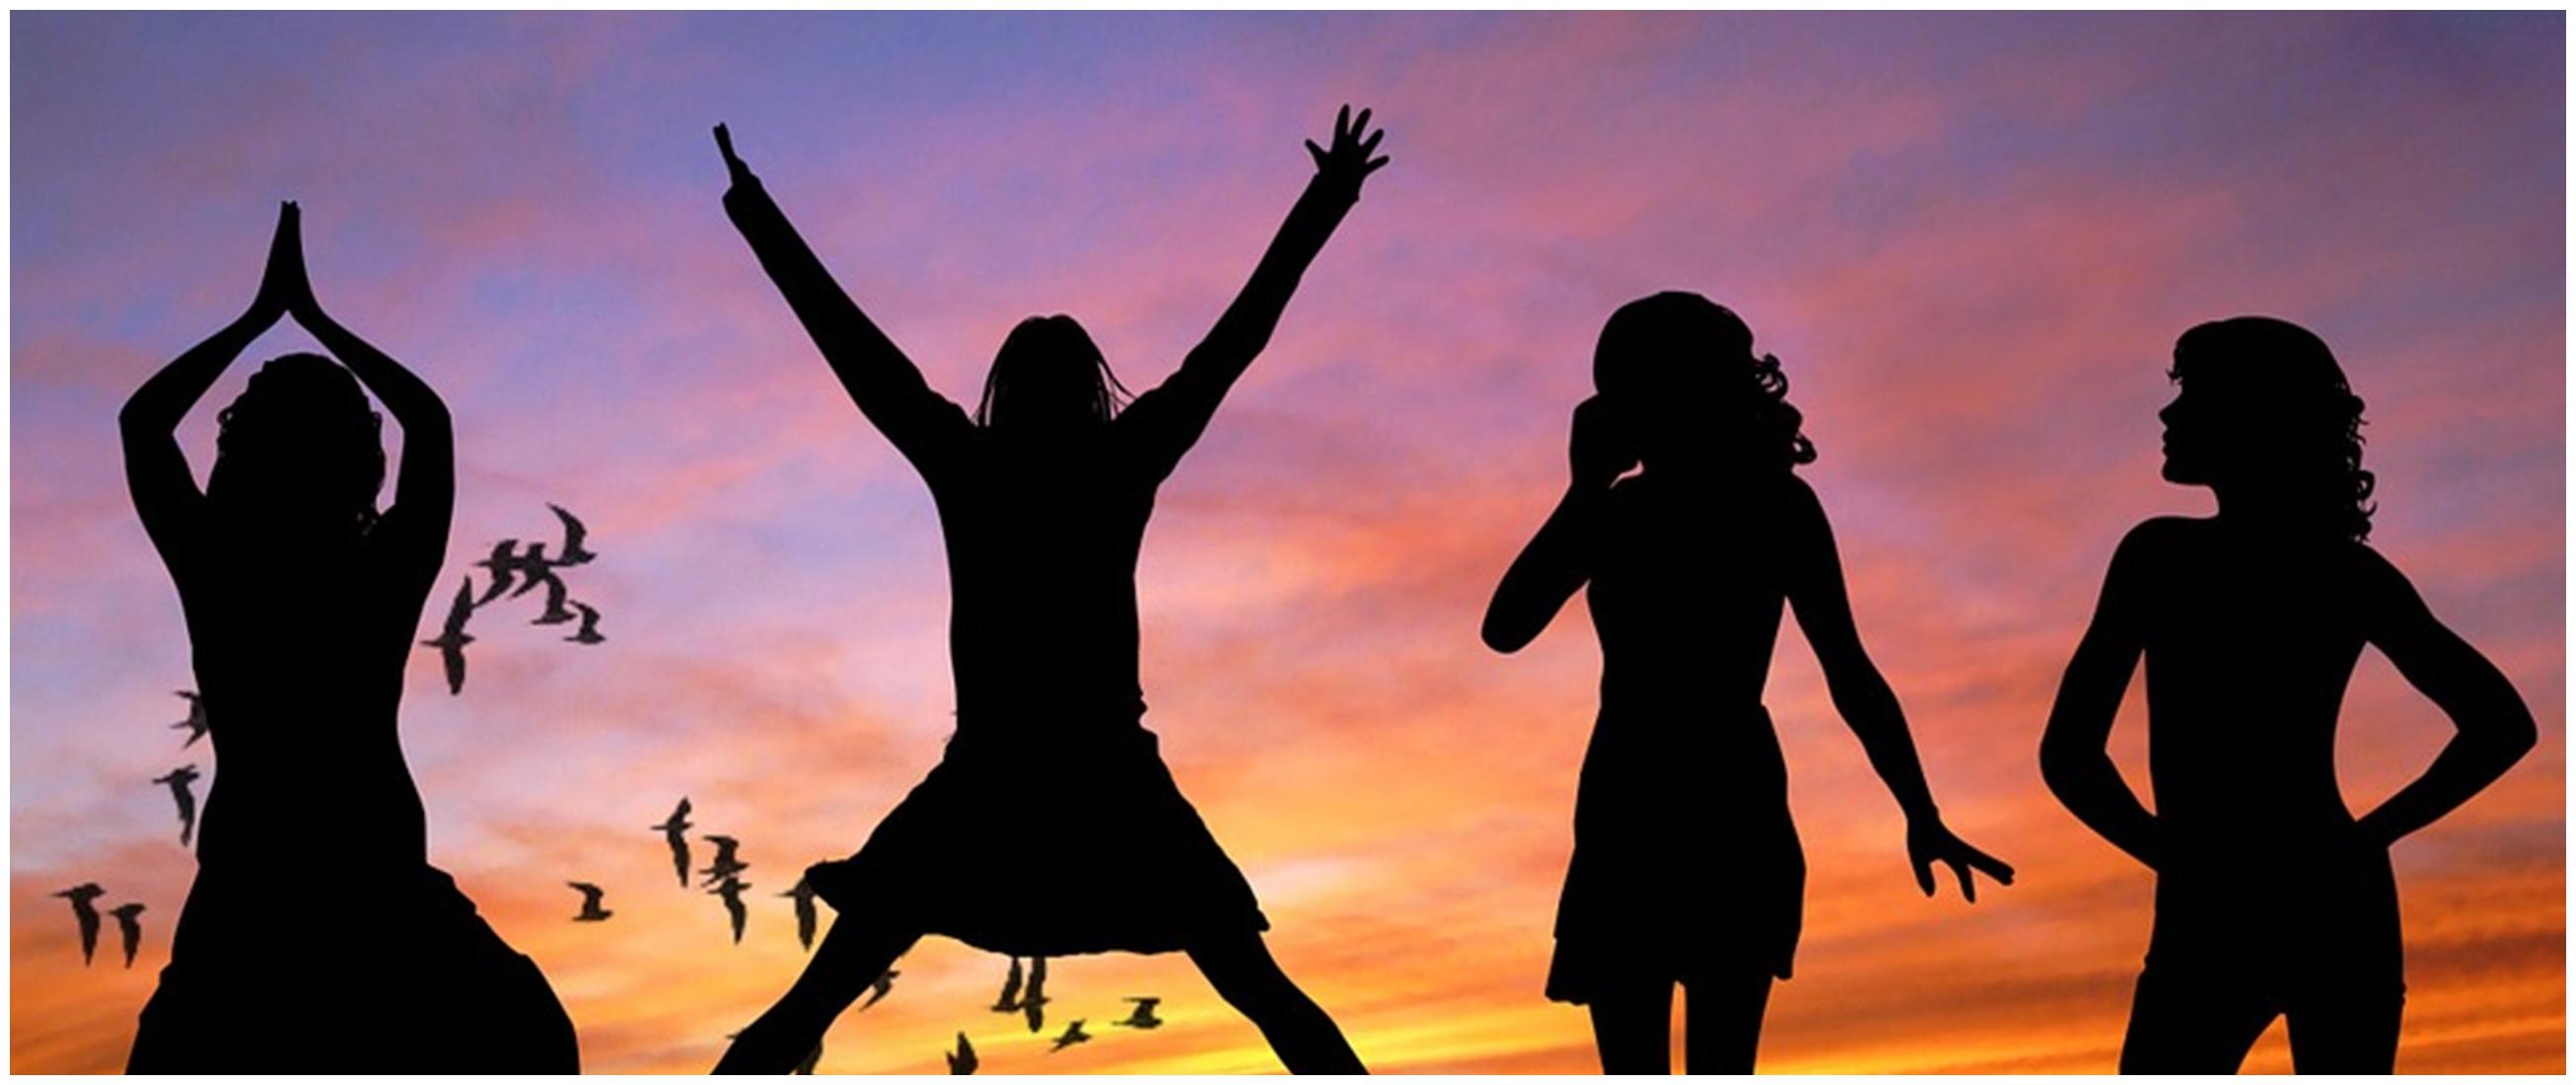 60 Kata-kata motivasi hidup, bikin lebih percaya diri dan berani